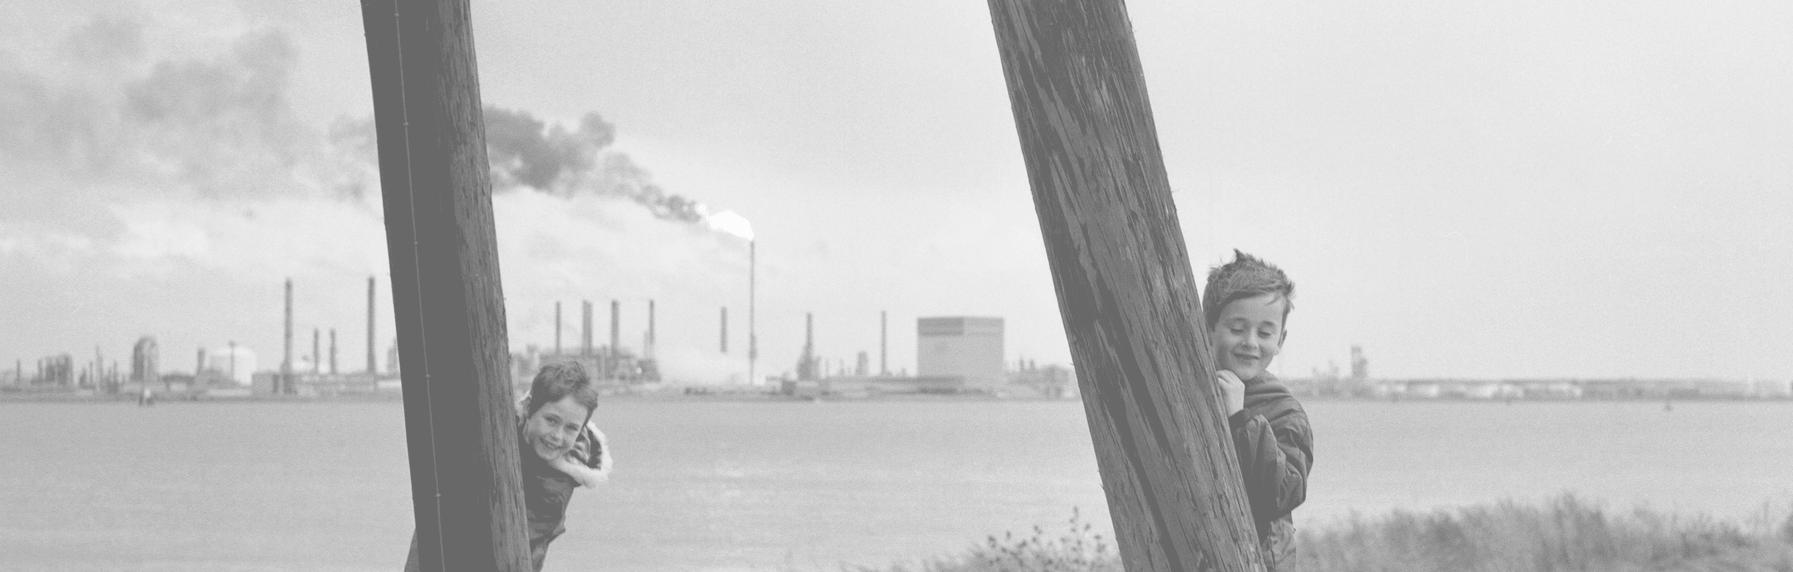 """Mijn vader Paul Willem Seghers was ook fotograaf en quoteerde bij een fotoshoot aan de Schelde met rokende raffinaderijen op de achtergrond in 1968: """"Zullen hun kinderen onder een glazen stolp wonen?""""."""